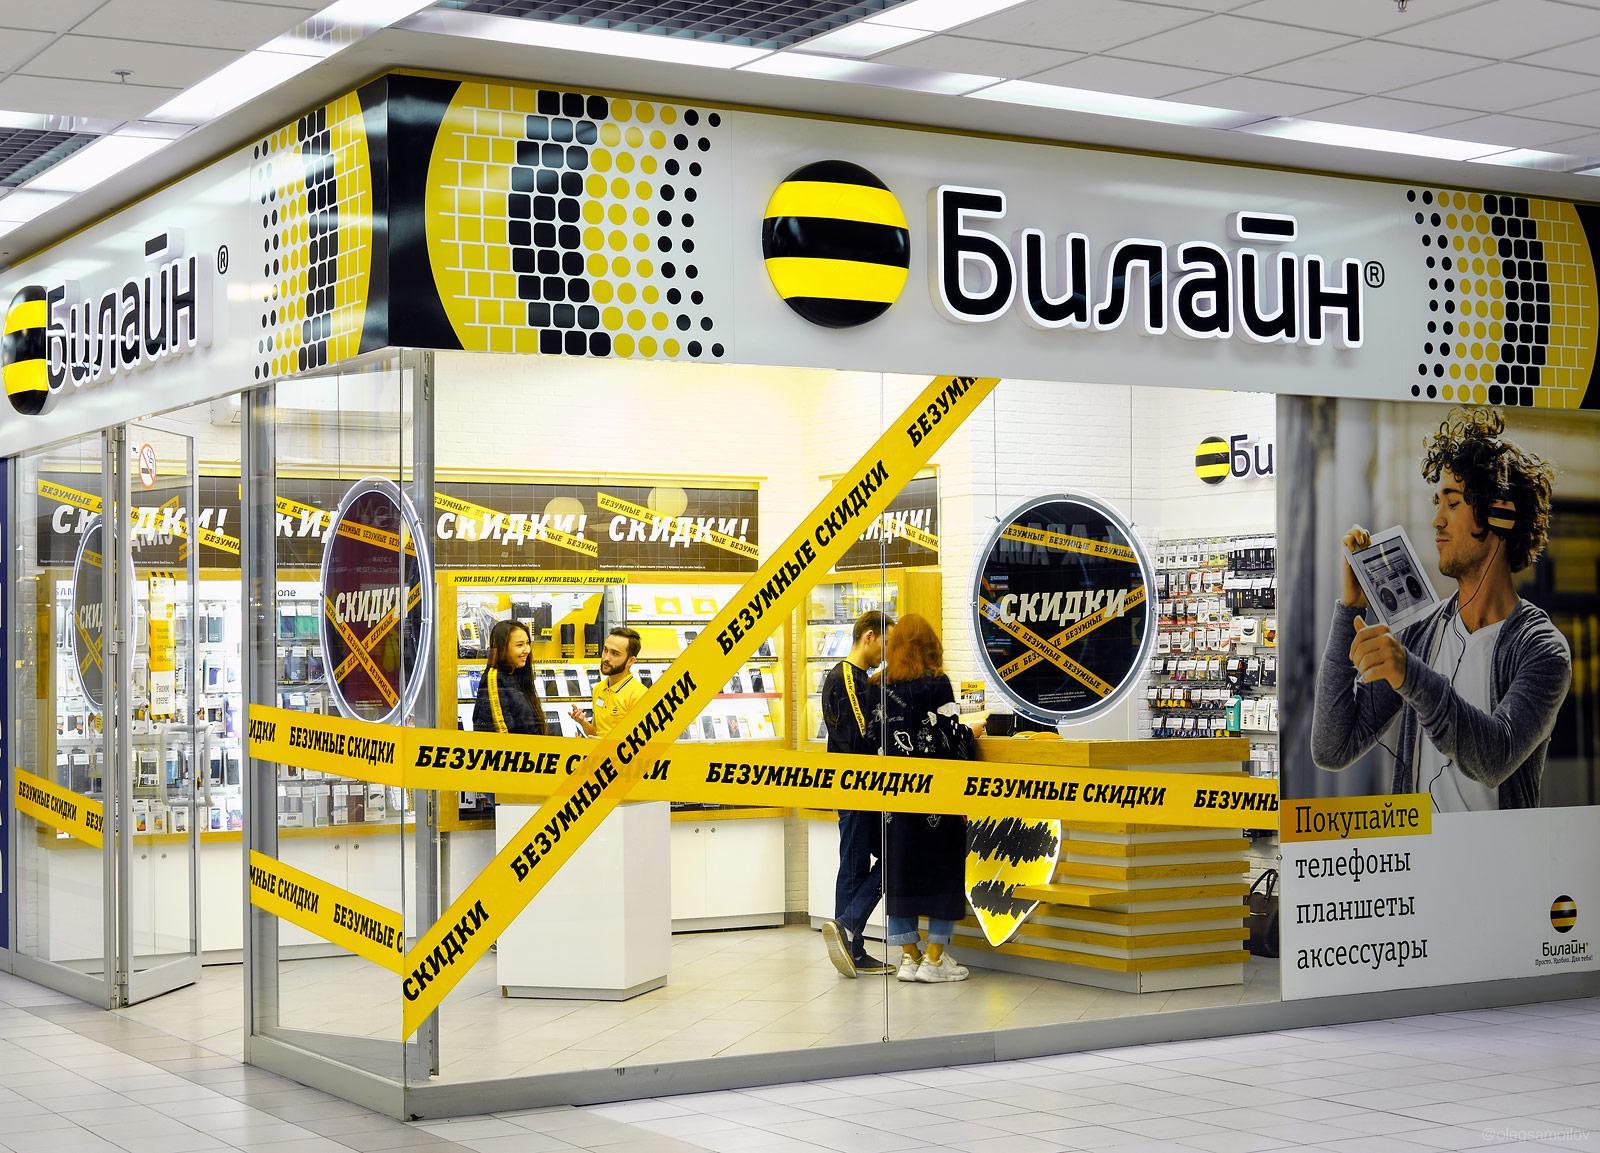 фотосъемка для Билайн в Казани